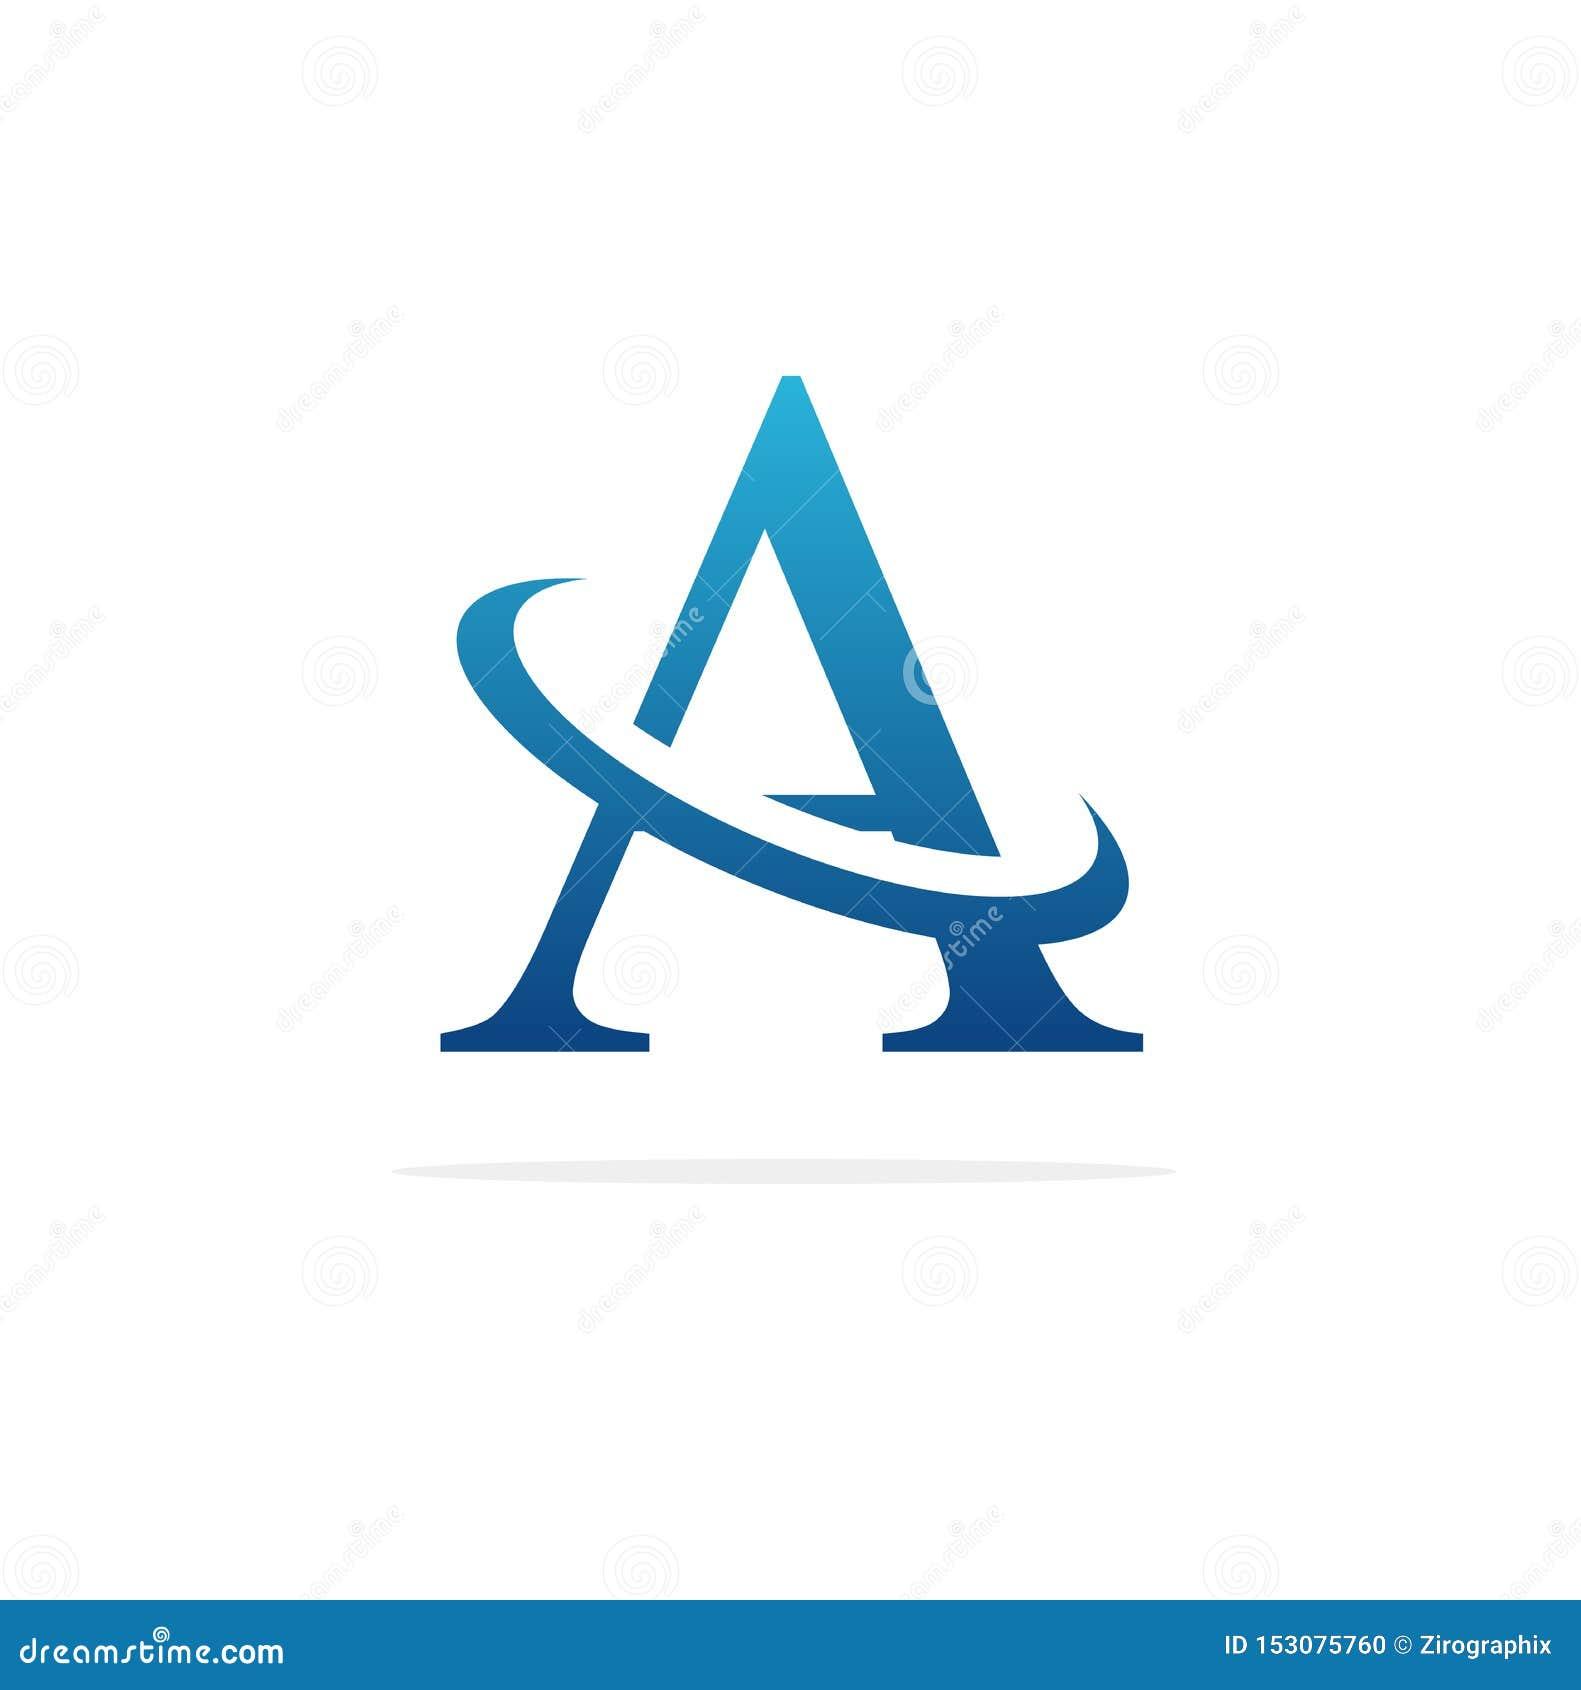 Творческий вектор дизайна логотипа